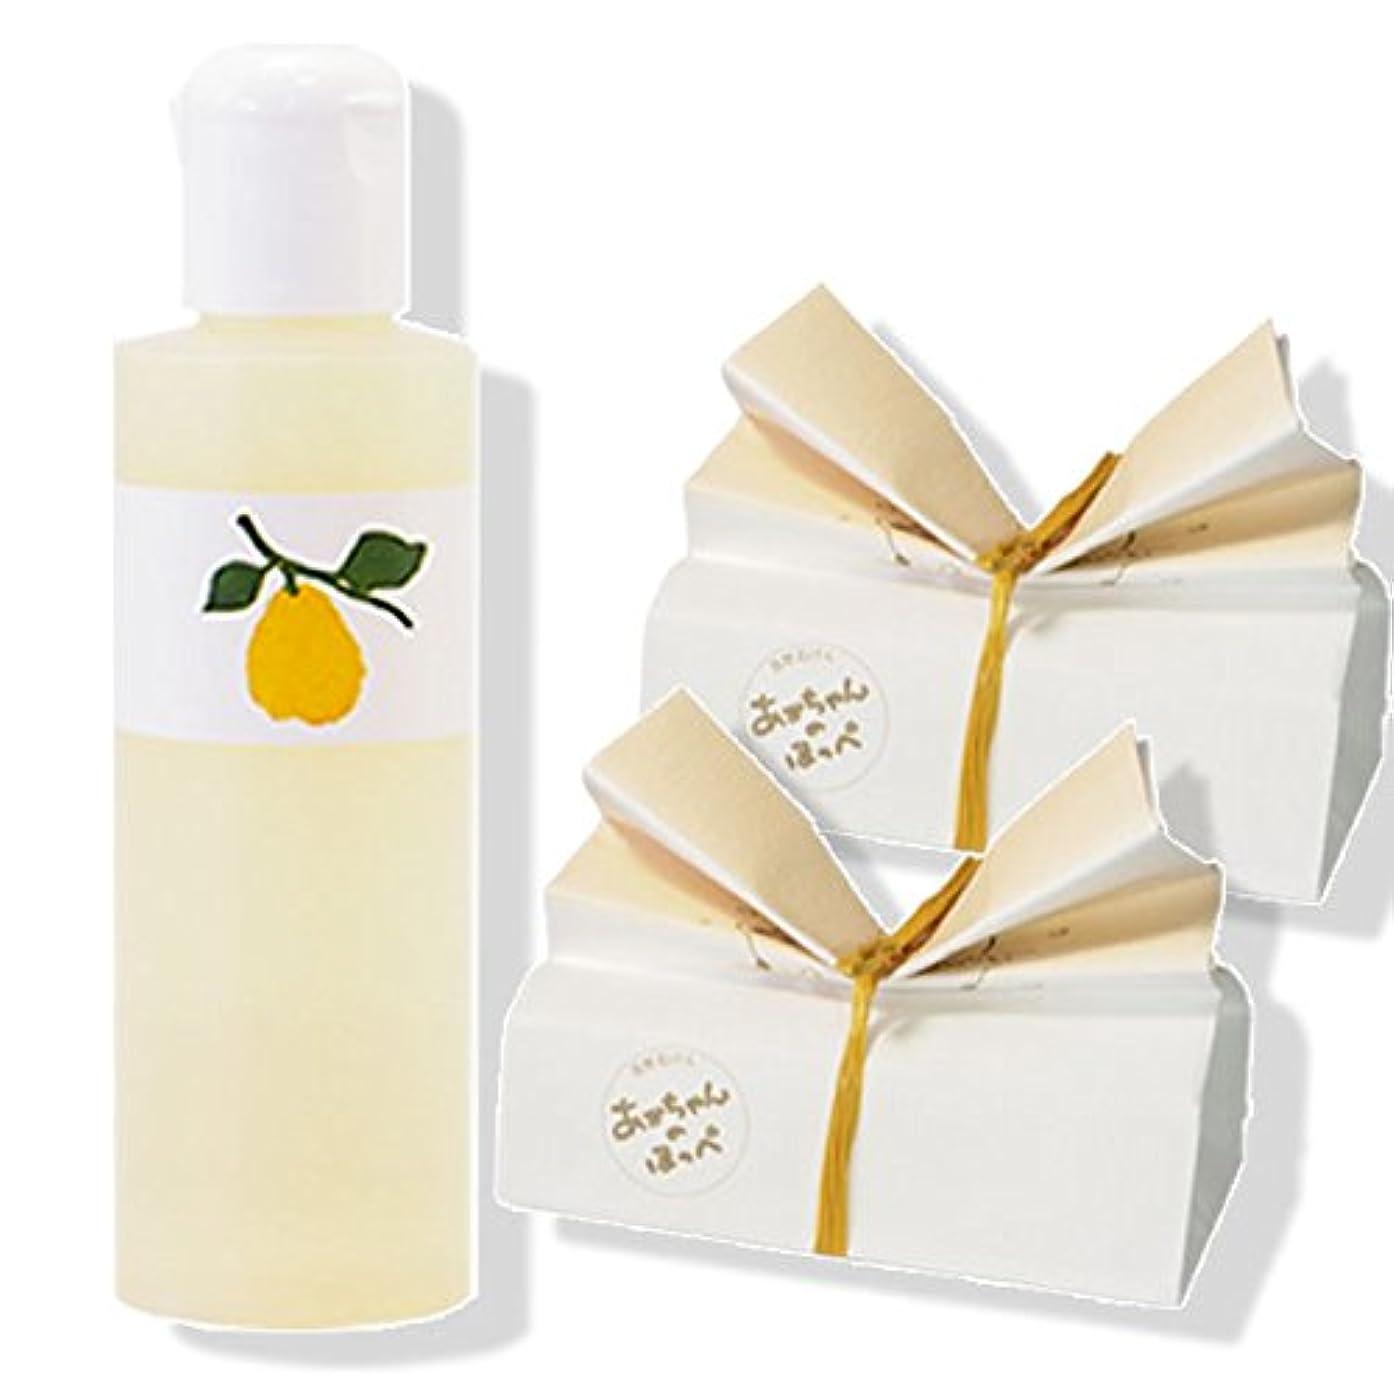 売るバイオレット超音速「花梨の化粧水」1本 & 「あかちゃんのほっぺ」石鹸 2個セット